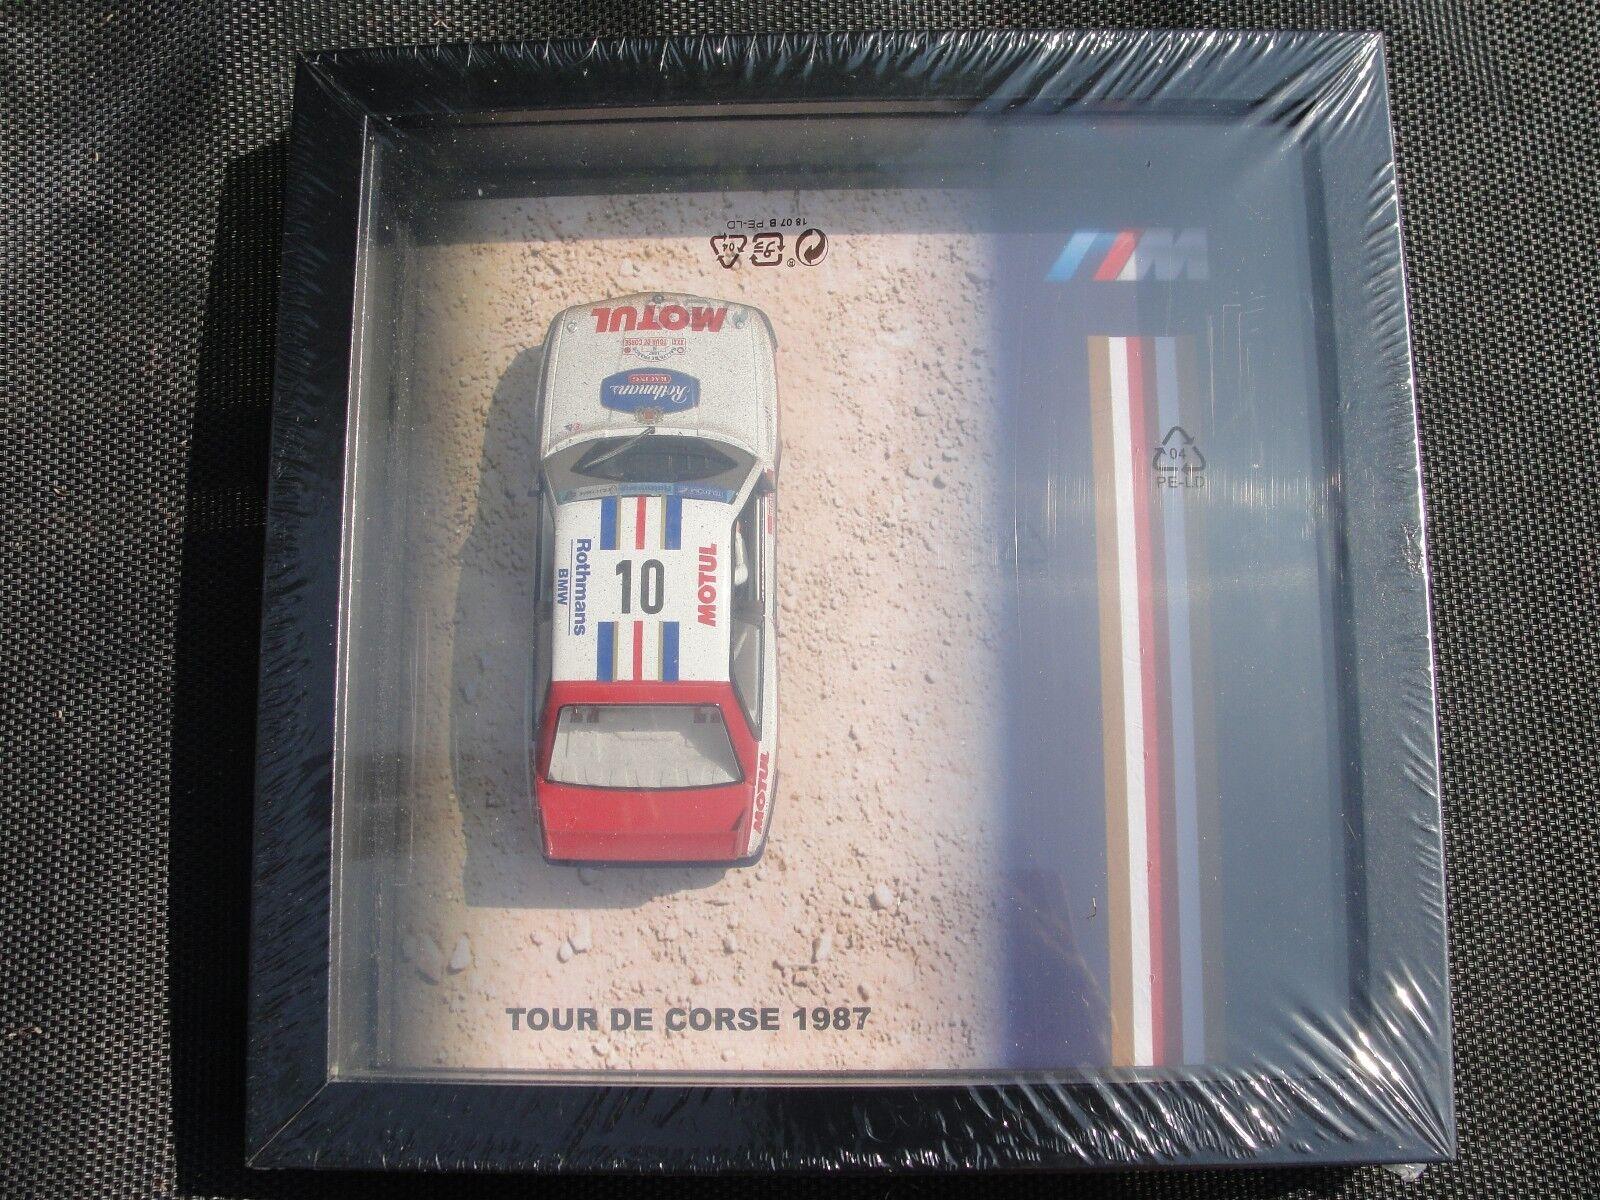 SPANSKA SLOT BMW 10'TOUR DE CORSE 1987'I DISspela CASE BNIBSLOT